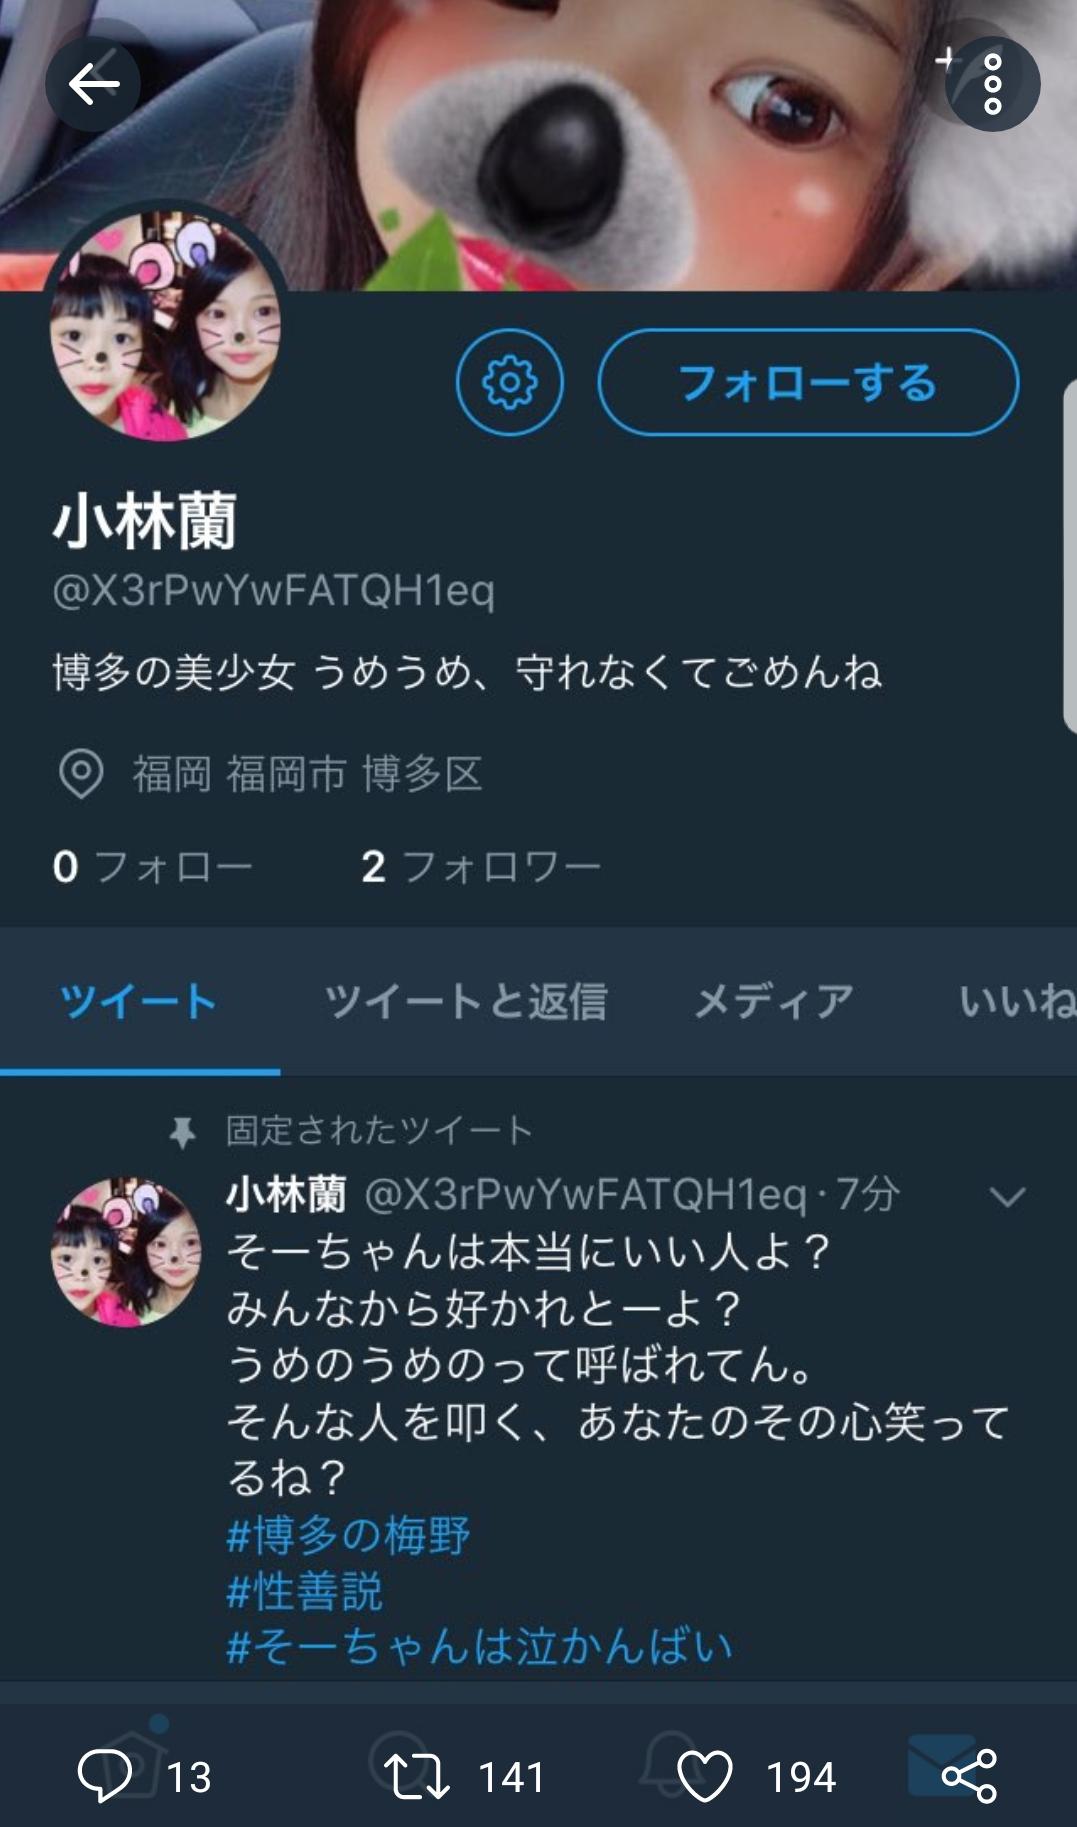 ⑩博多高校クソガキ梅野逮捕父暴力団いけばな教室彼女はハングルを使いこなす女!